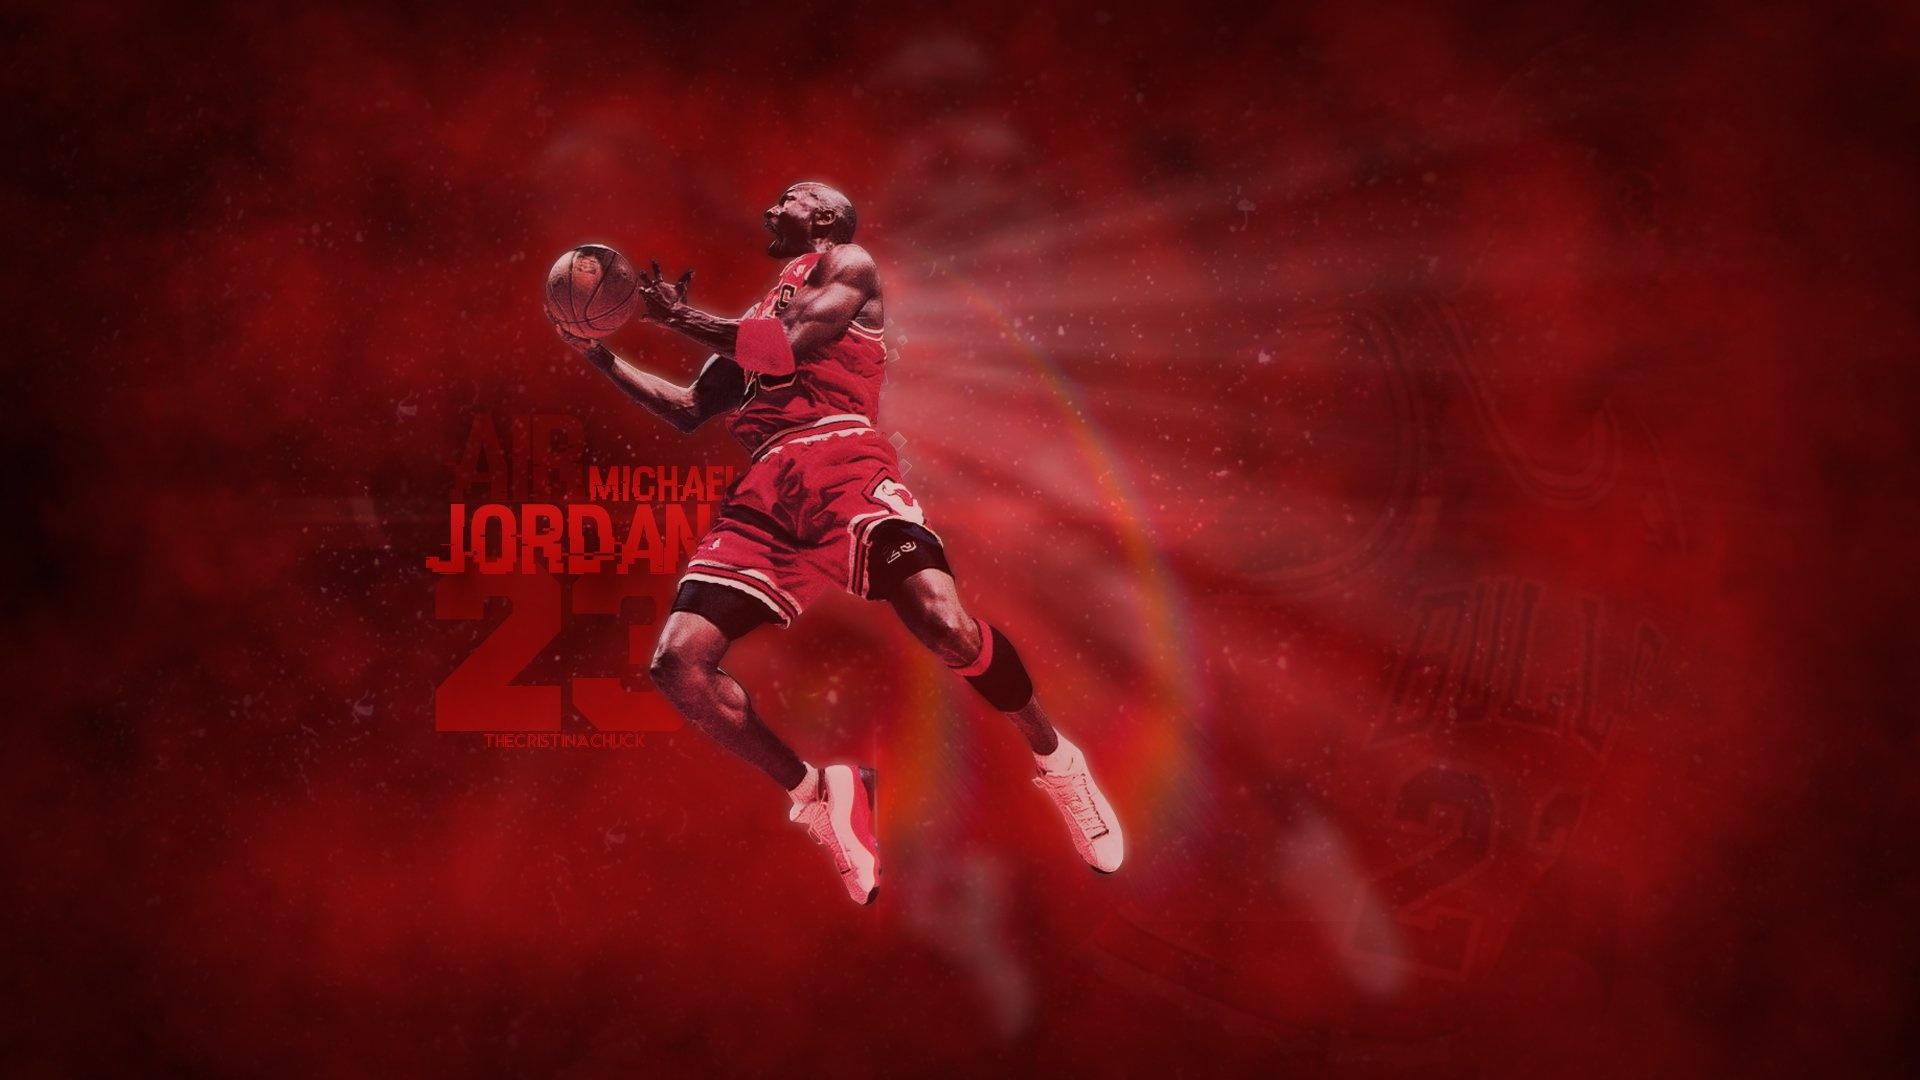 Michael Jordan free wallpaper